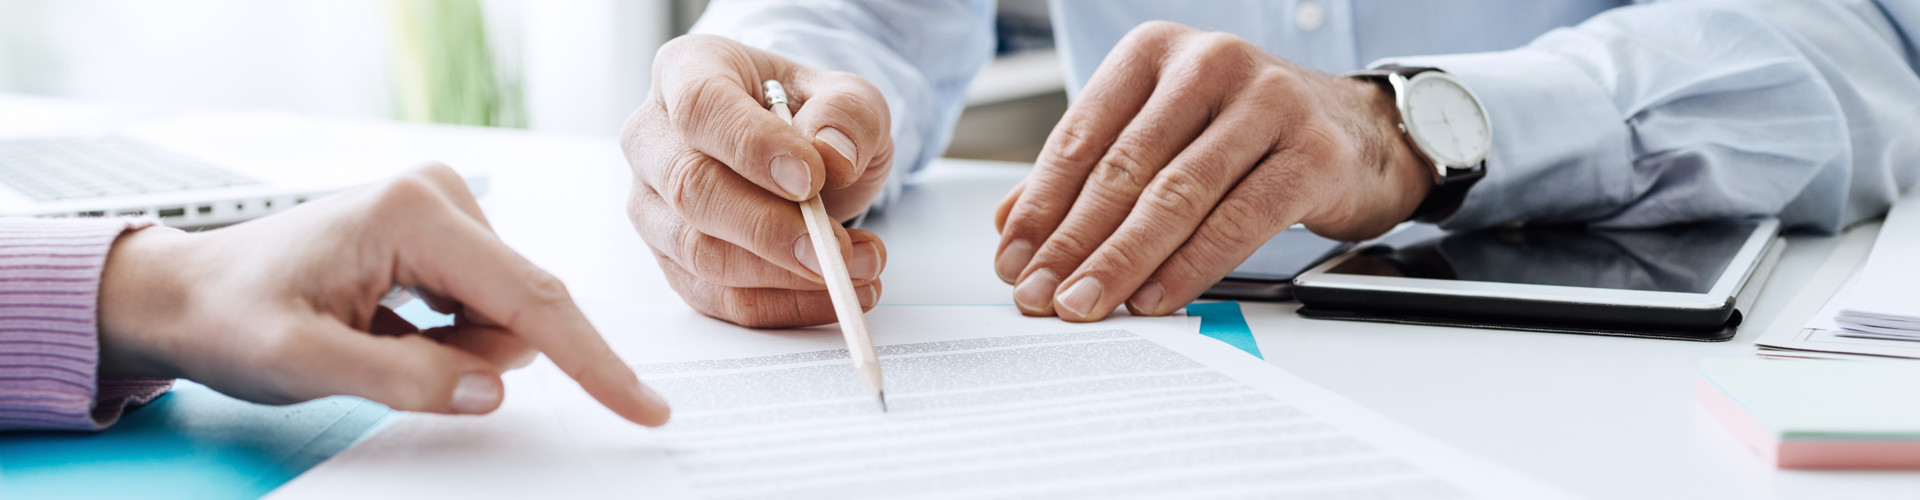 Zwei Personen gehen einen Arbeitsvertrag durch © StockPhotoPro, stock.adobe.com